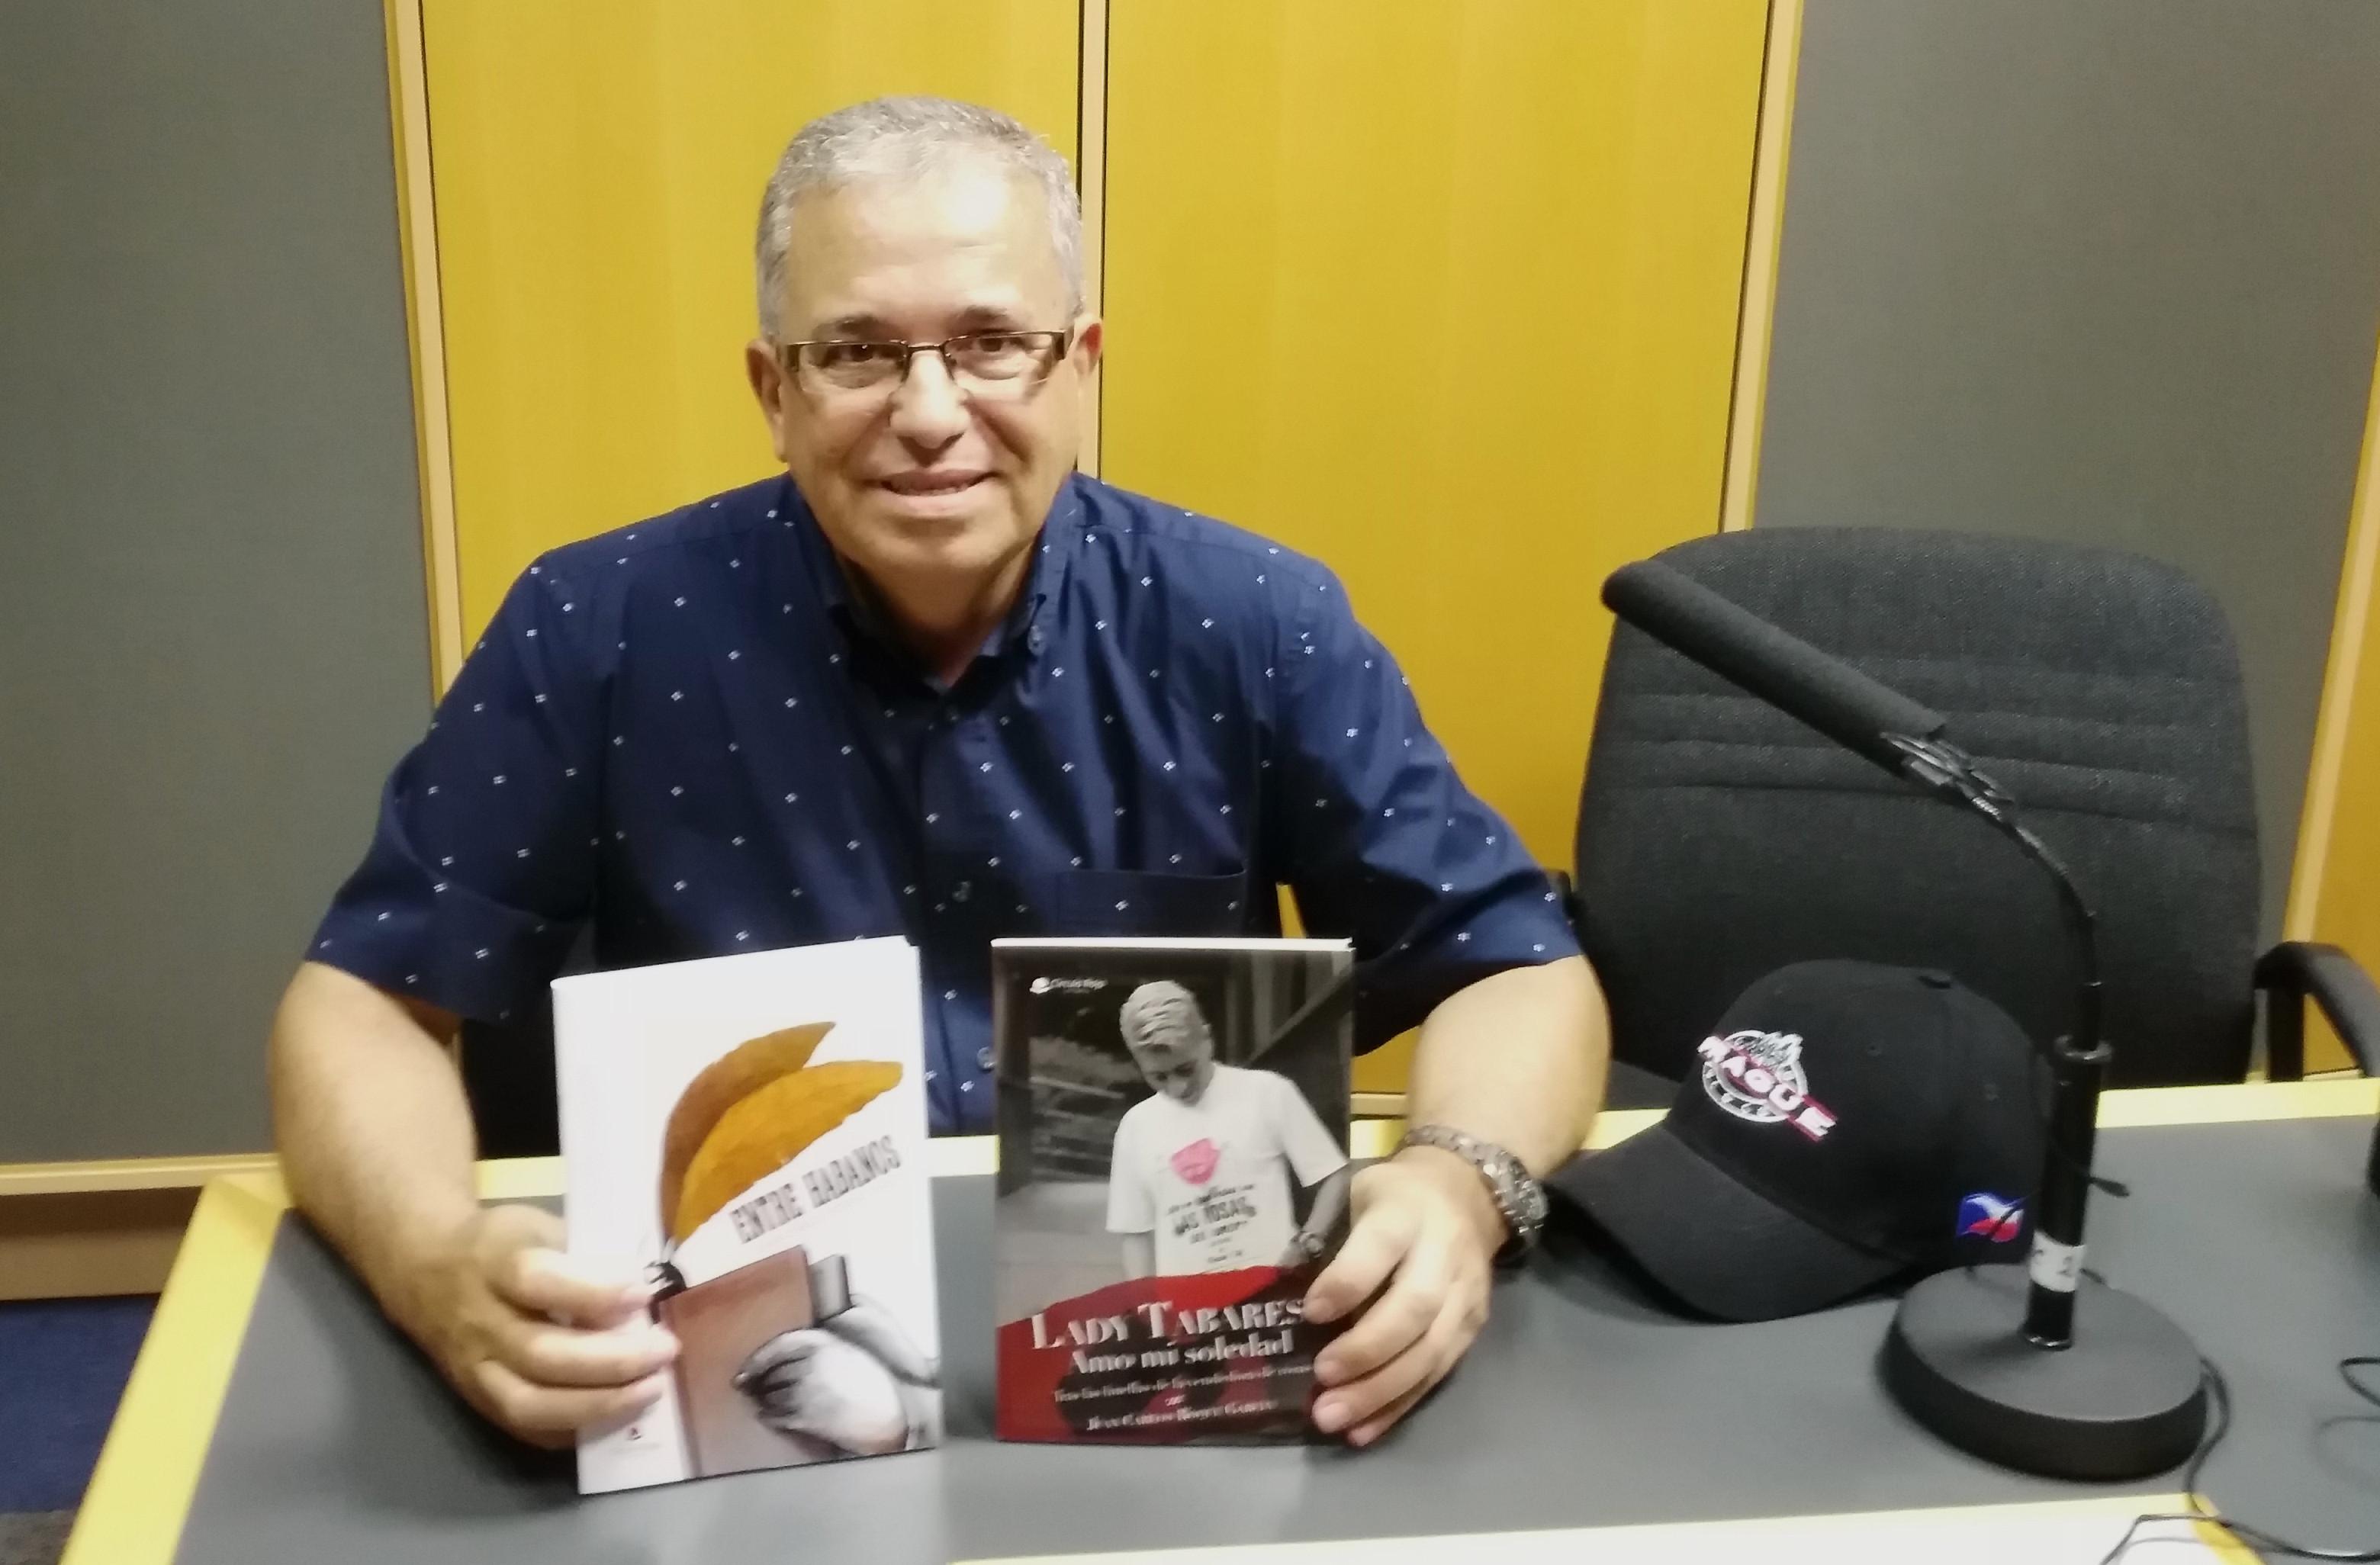 Juan Carlos Roque, foto: Enrique Molina